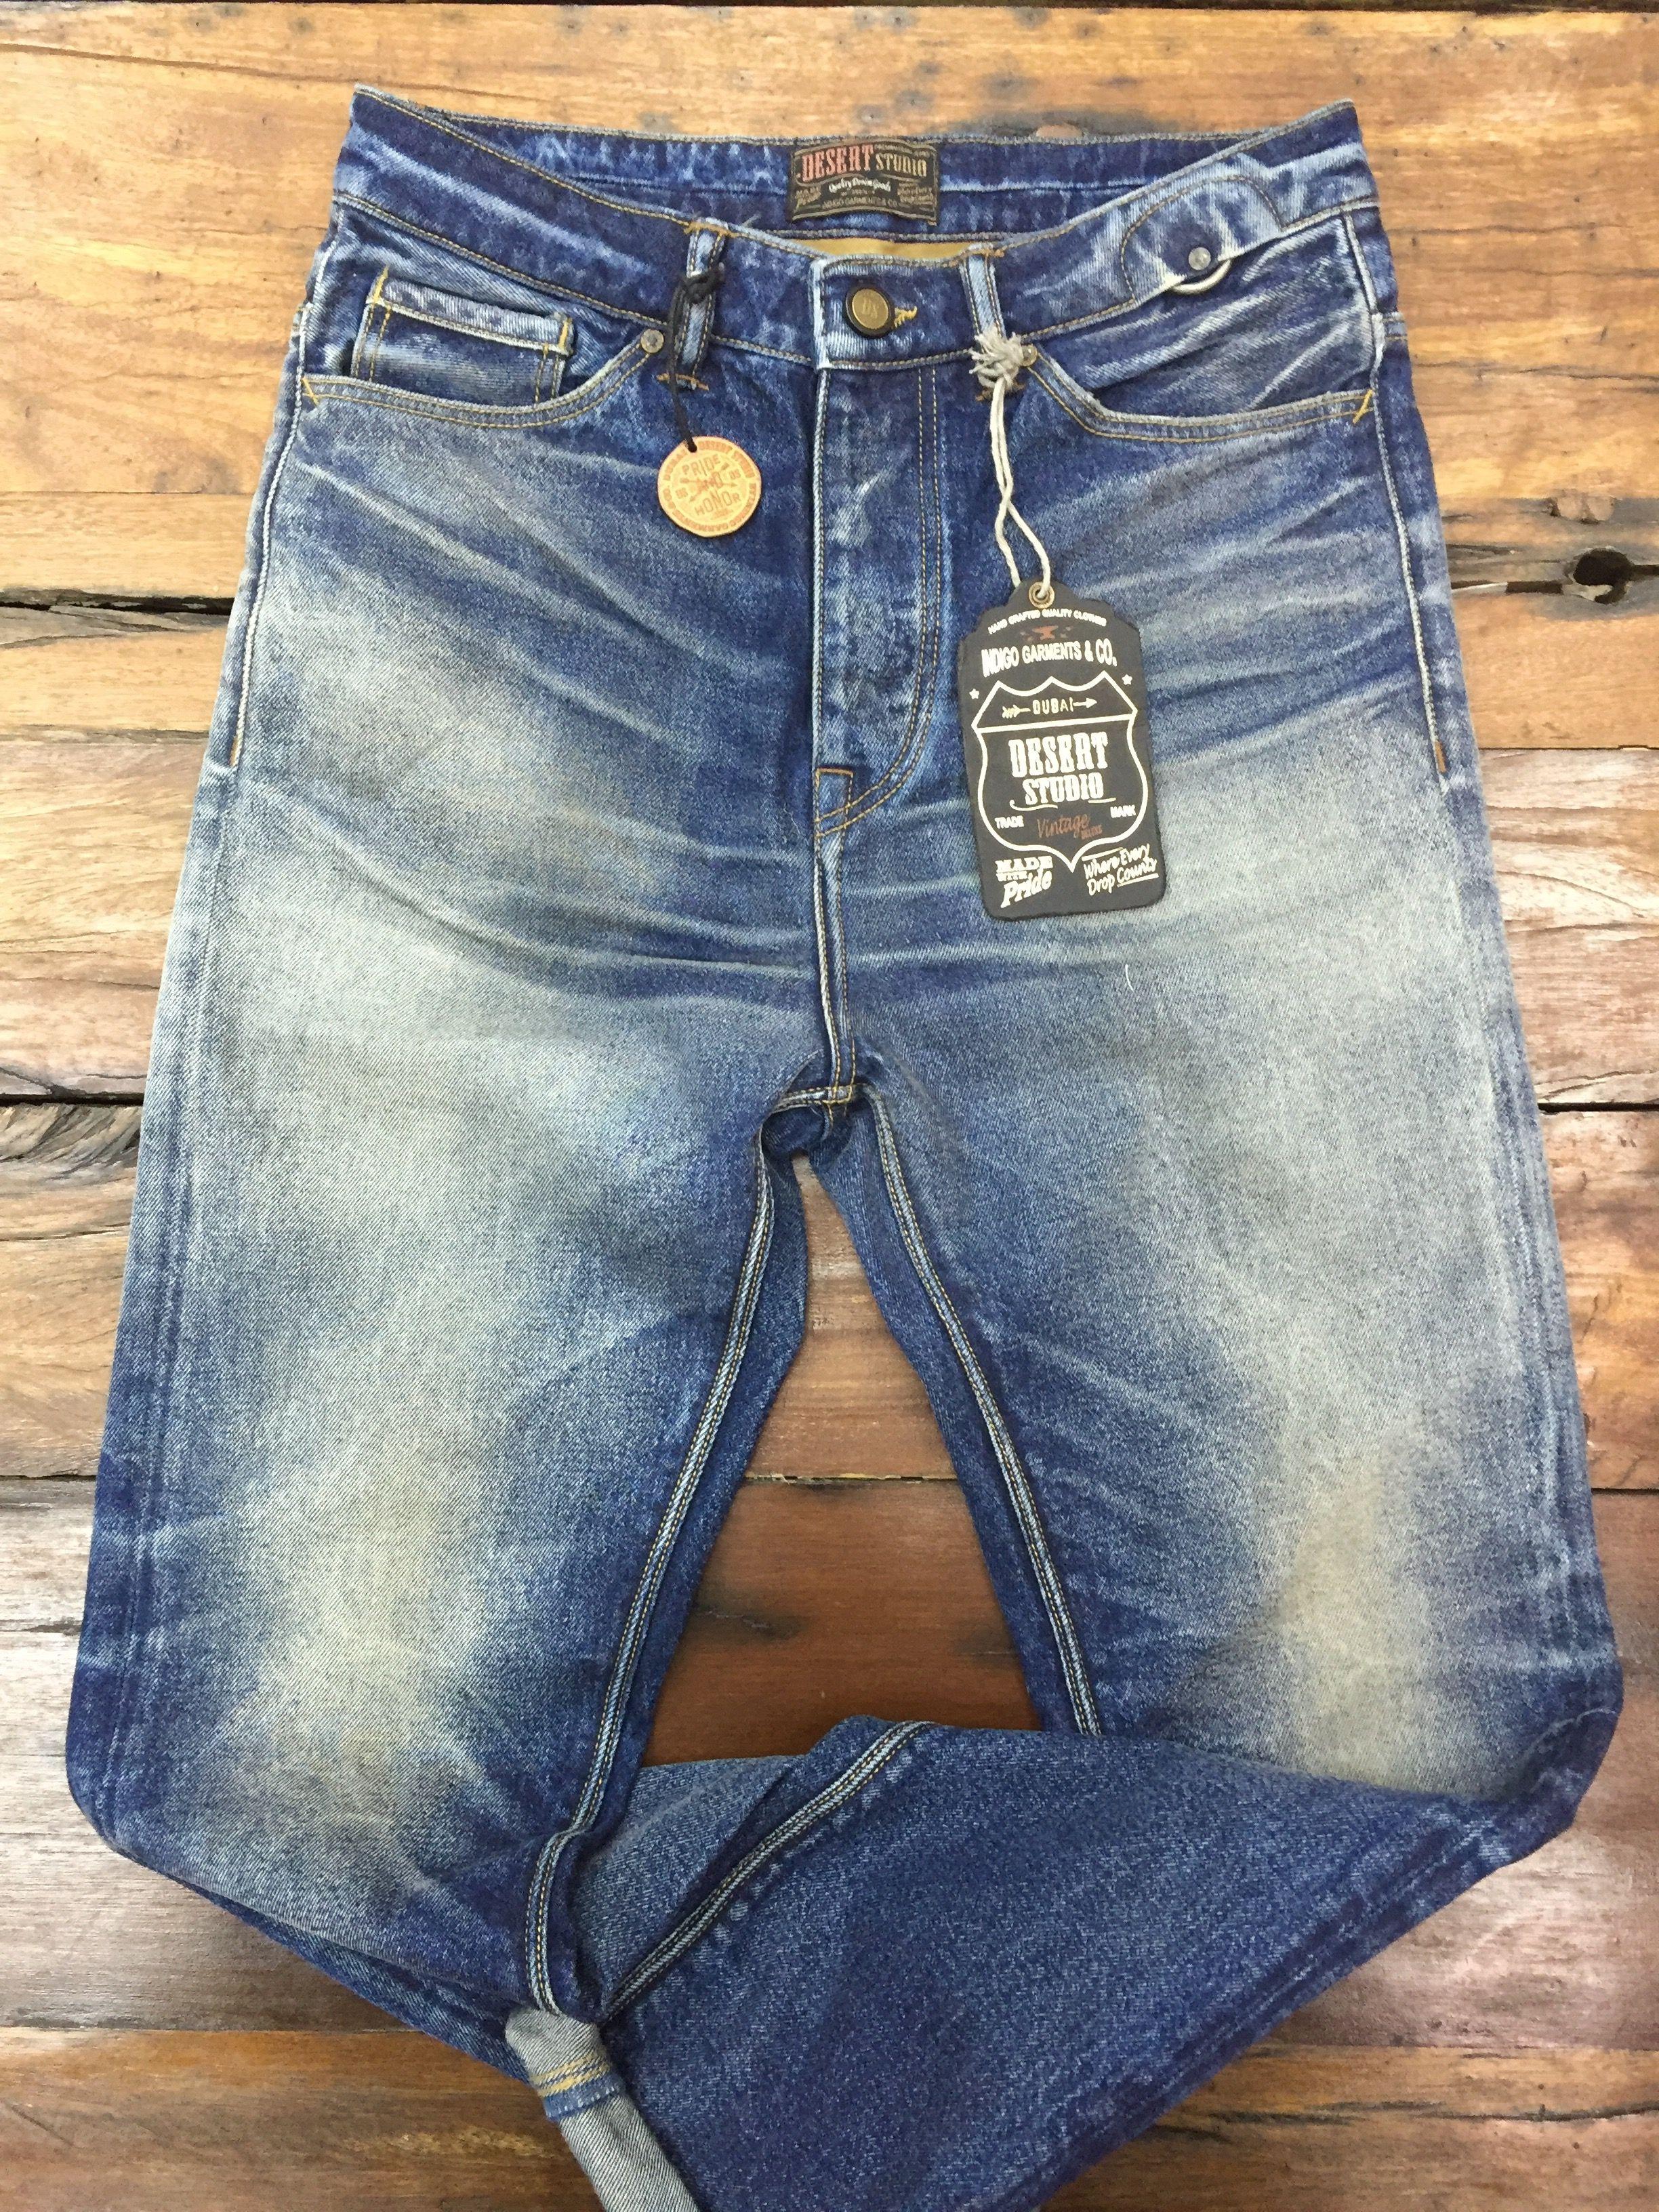 Bcamel Activeb Houston Jeans Straight Leg Blue Denim Herren